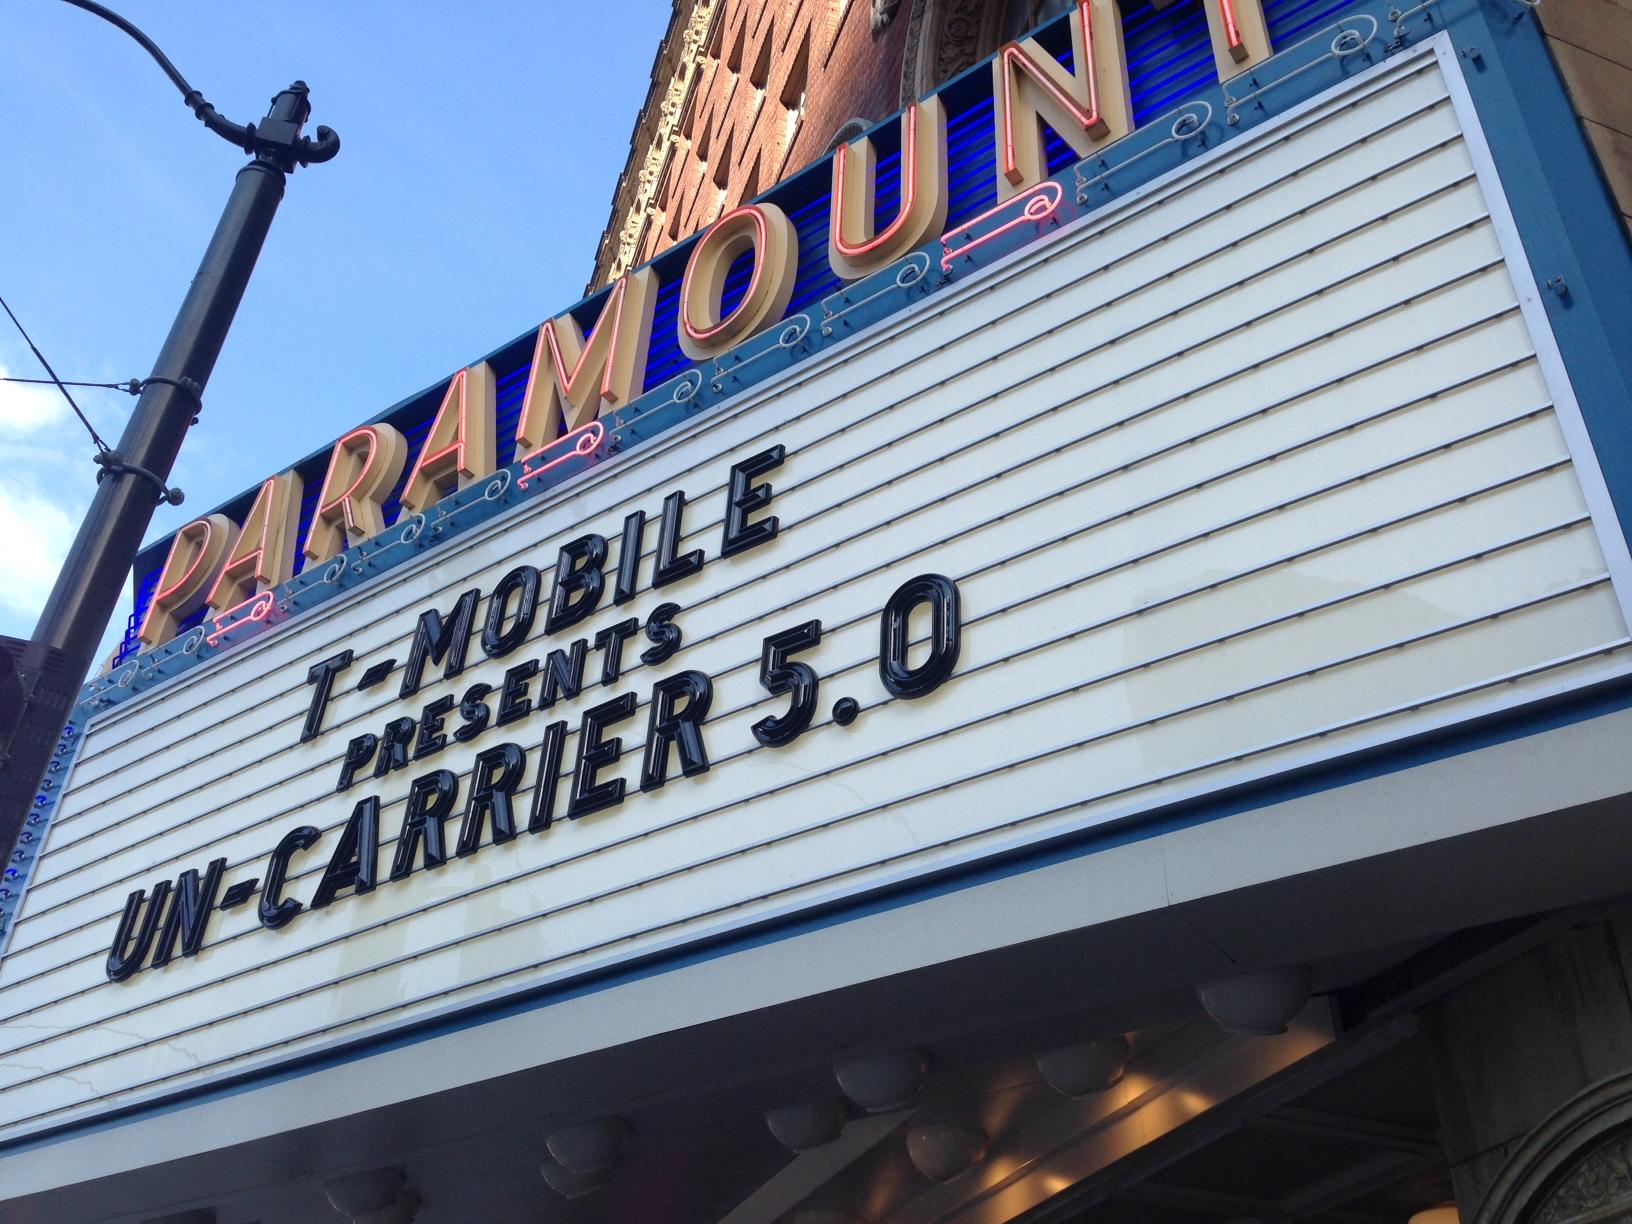 T-Mobile Uncarrier 5